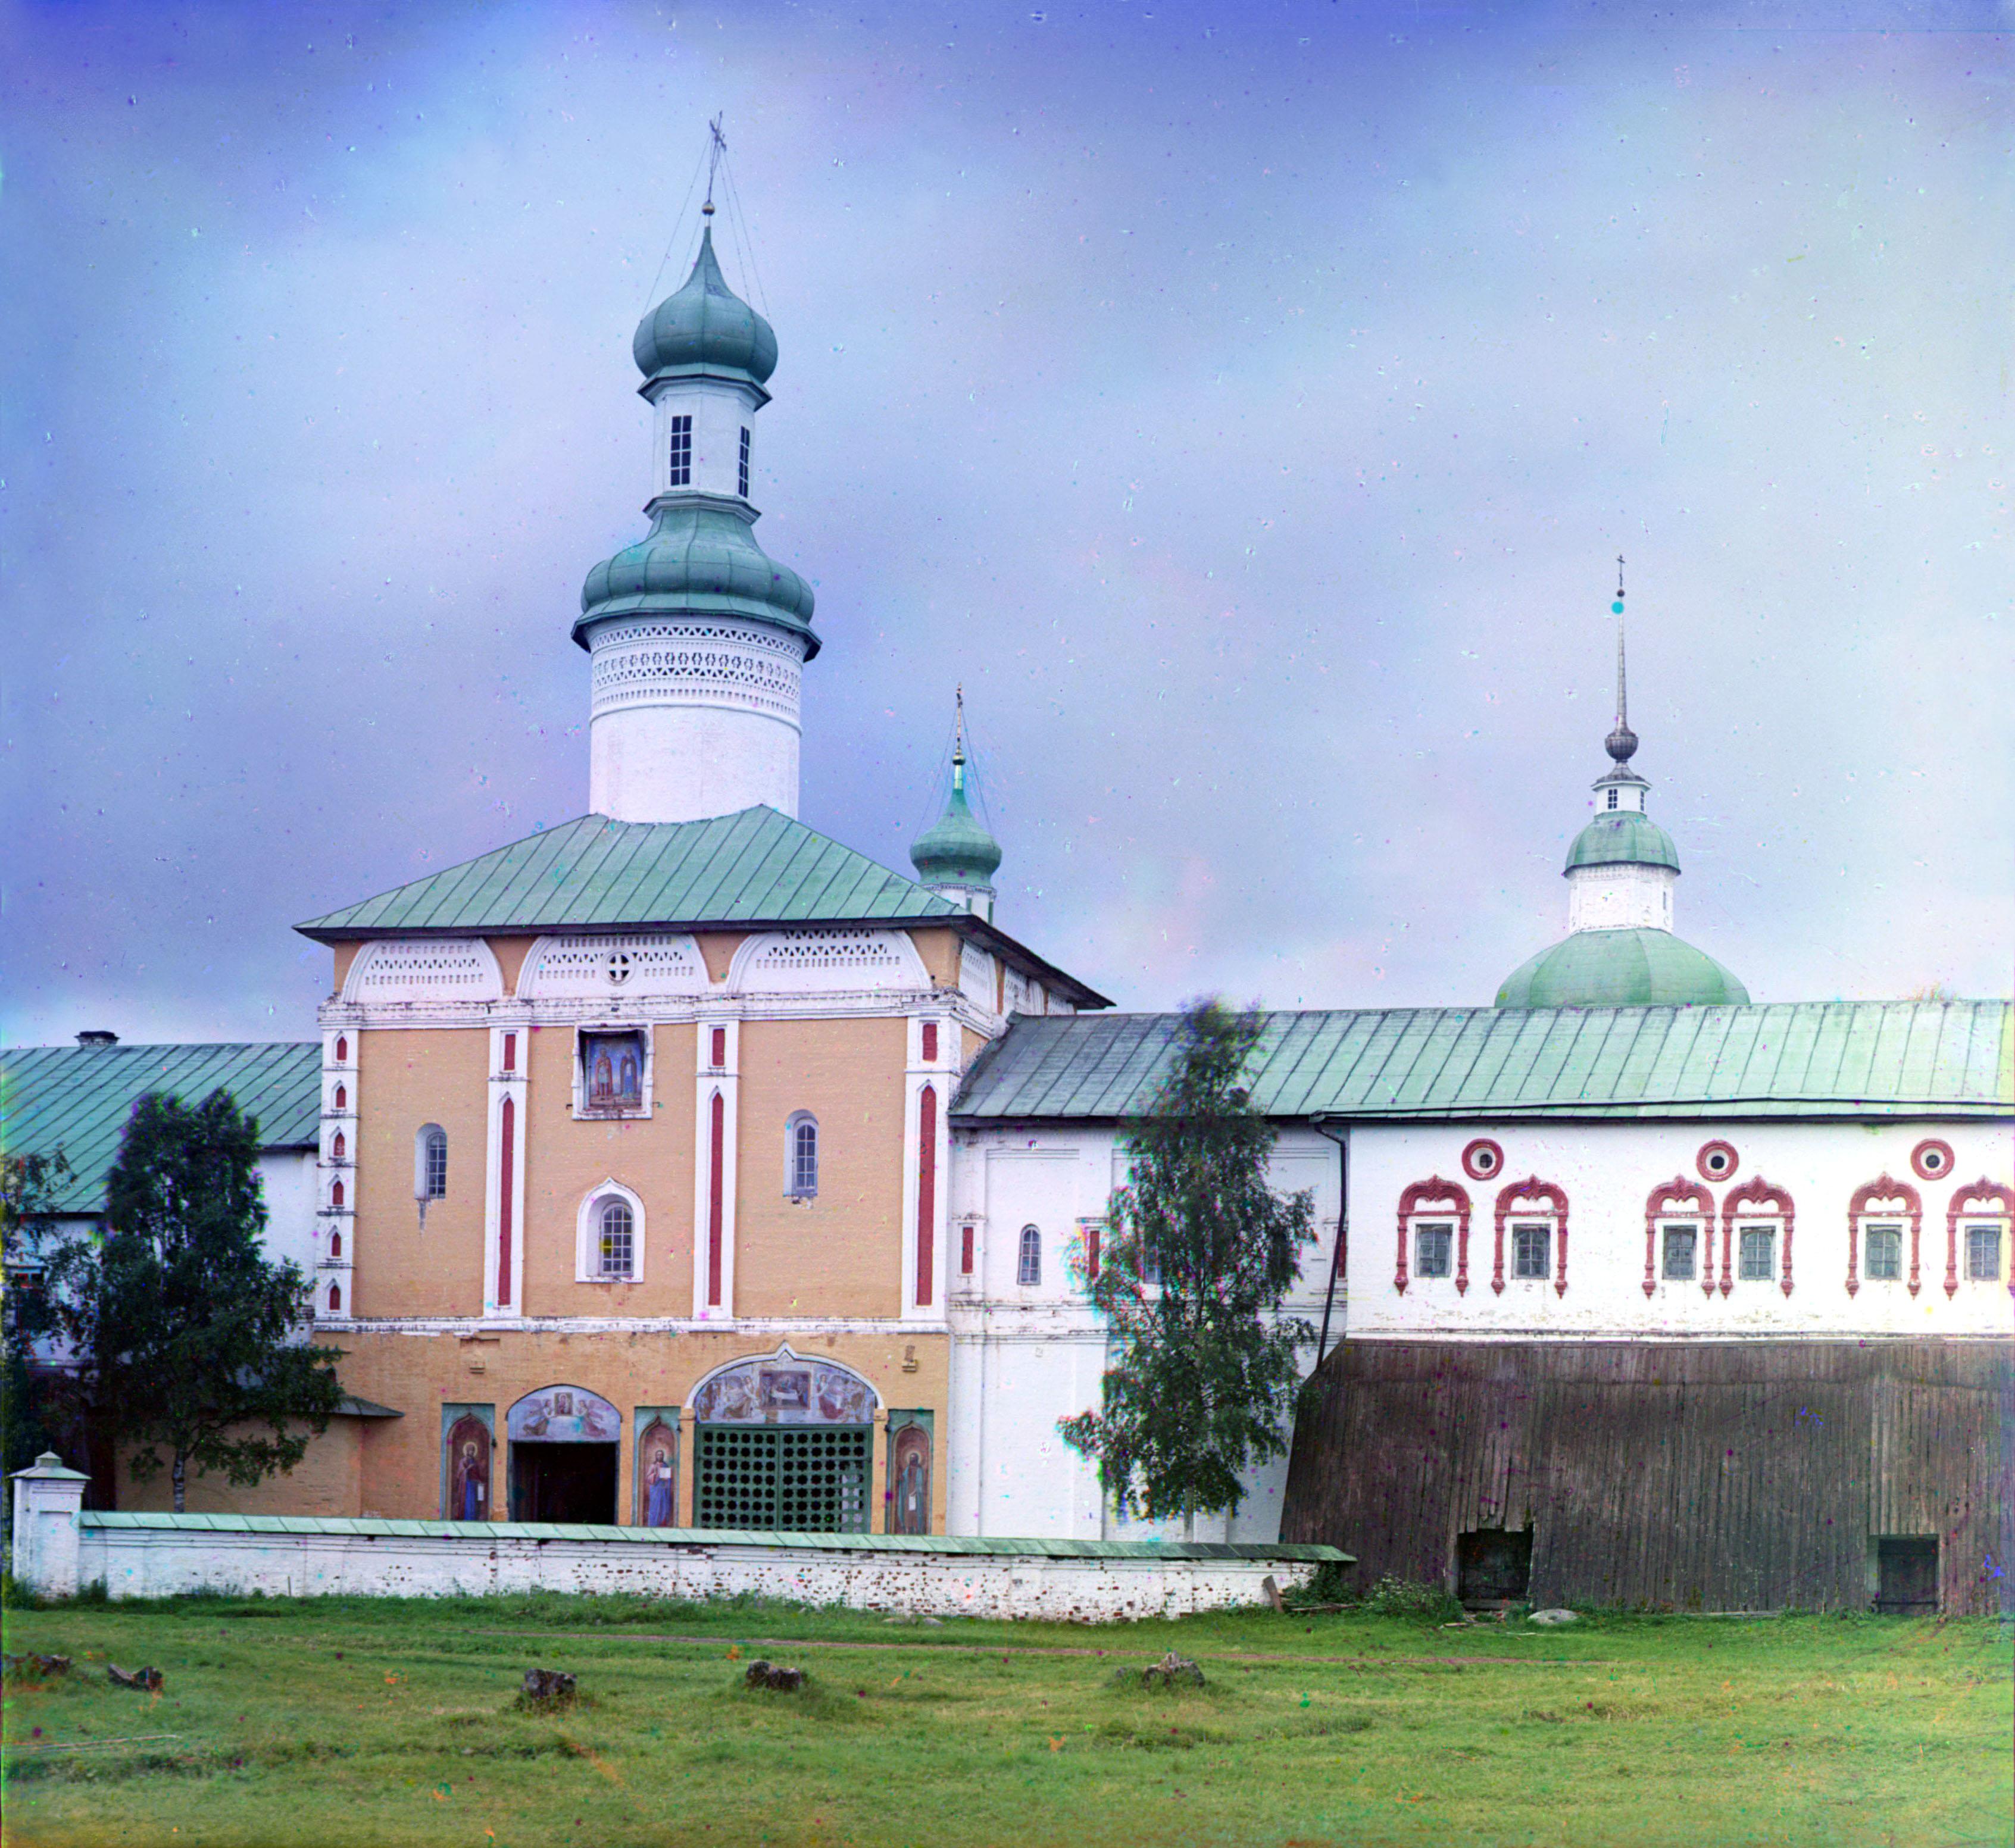 Кирилло-Белозерский монастырь. Святые ворота с церковью Иоанна Лествичника